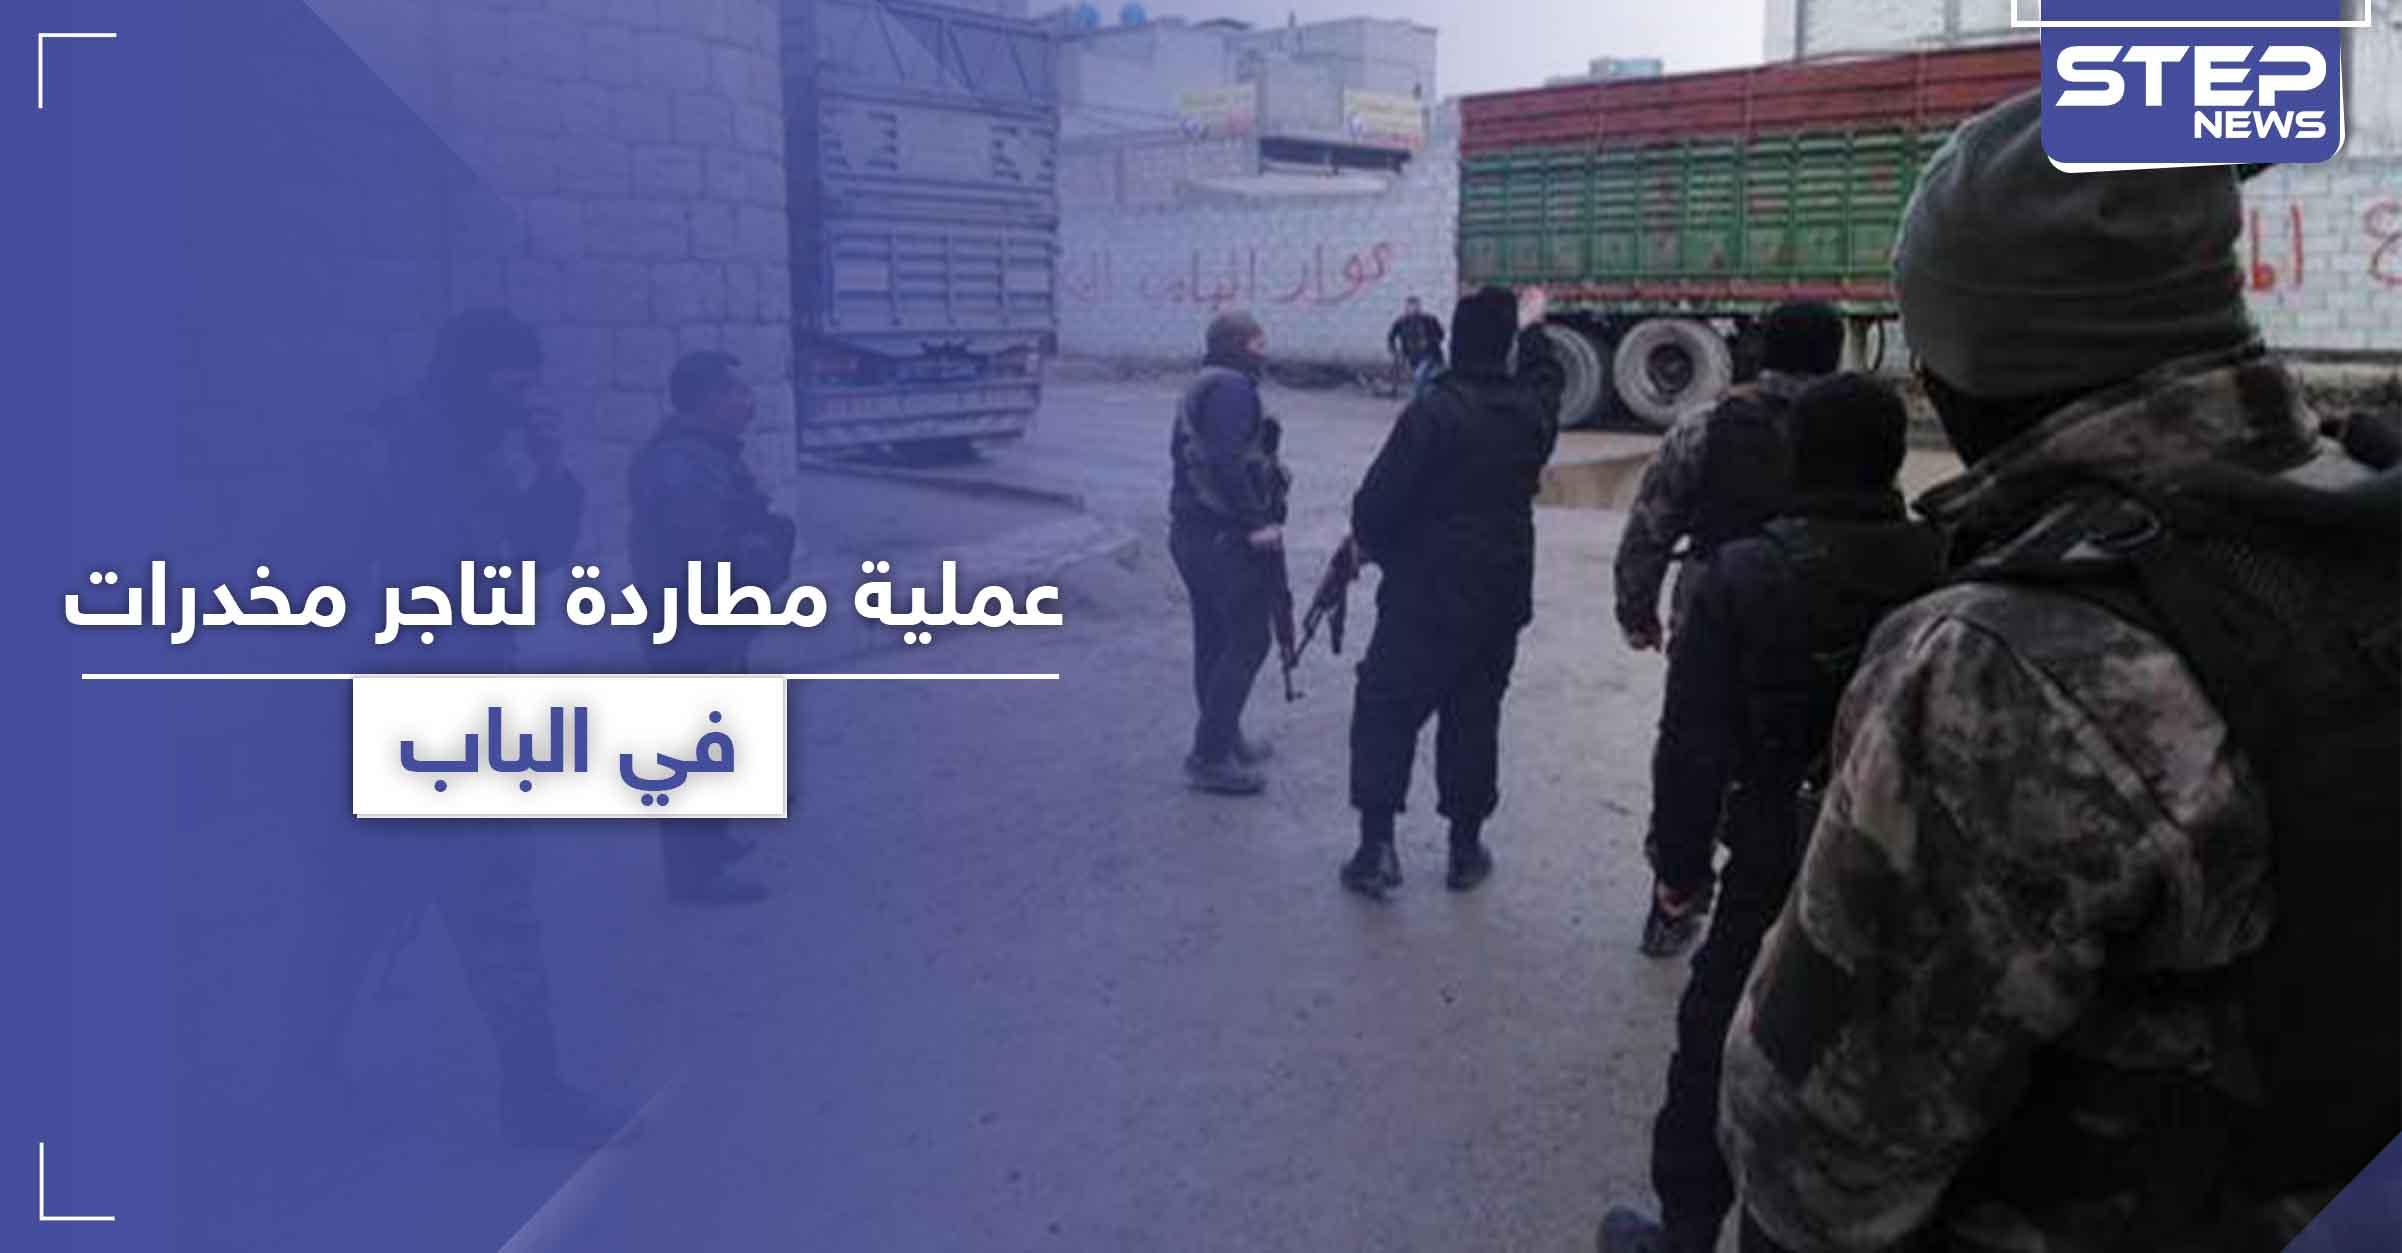 """بعد مطاردة """"هوليوودية"""" وتبادل إطلاق نار لساعات على الأسطح.. مقتل تاجر مخدرات بمدينة الباب"""